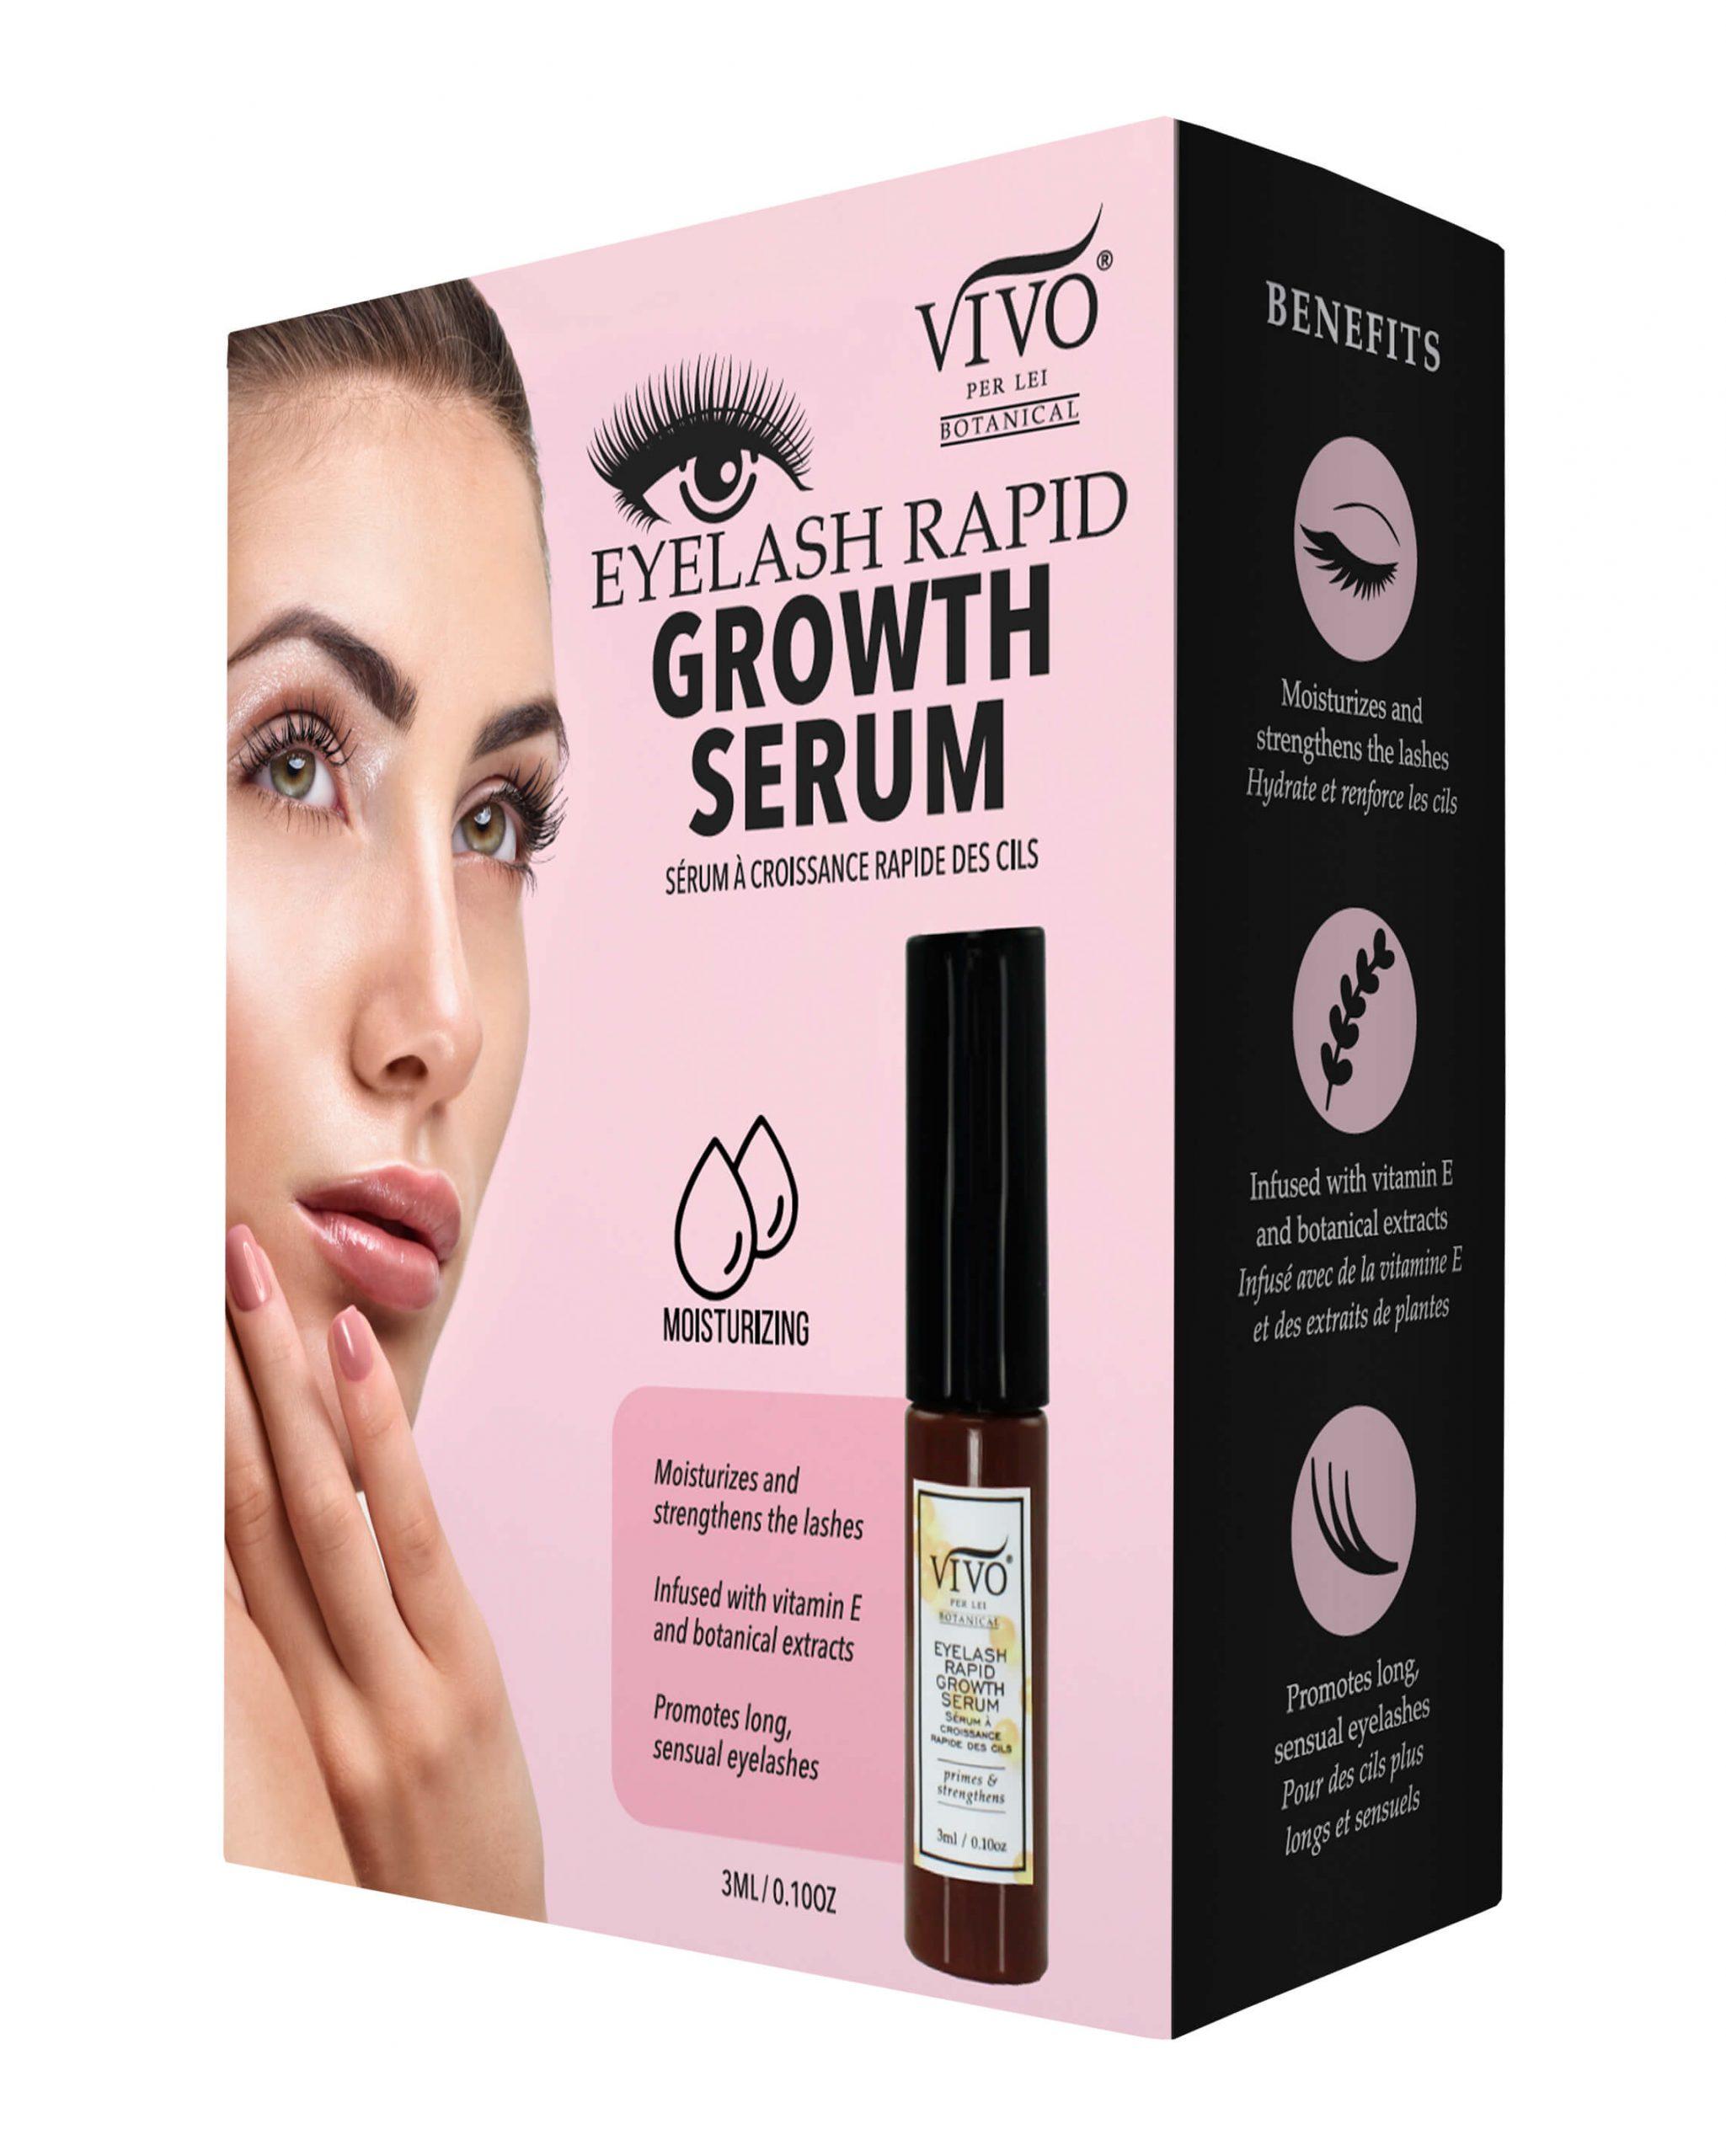 Vivo Eyelash Growth Serum